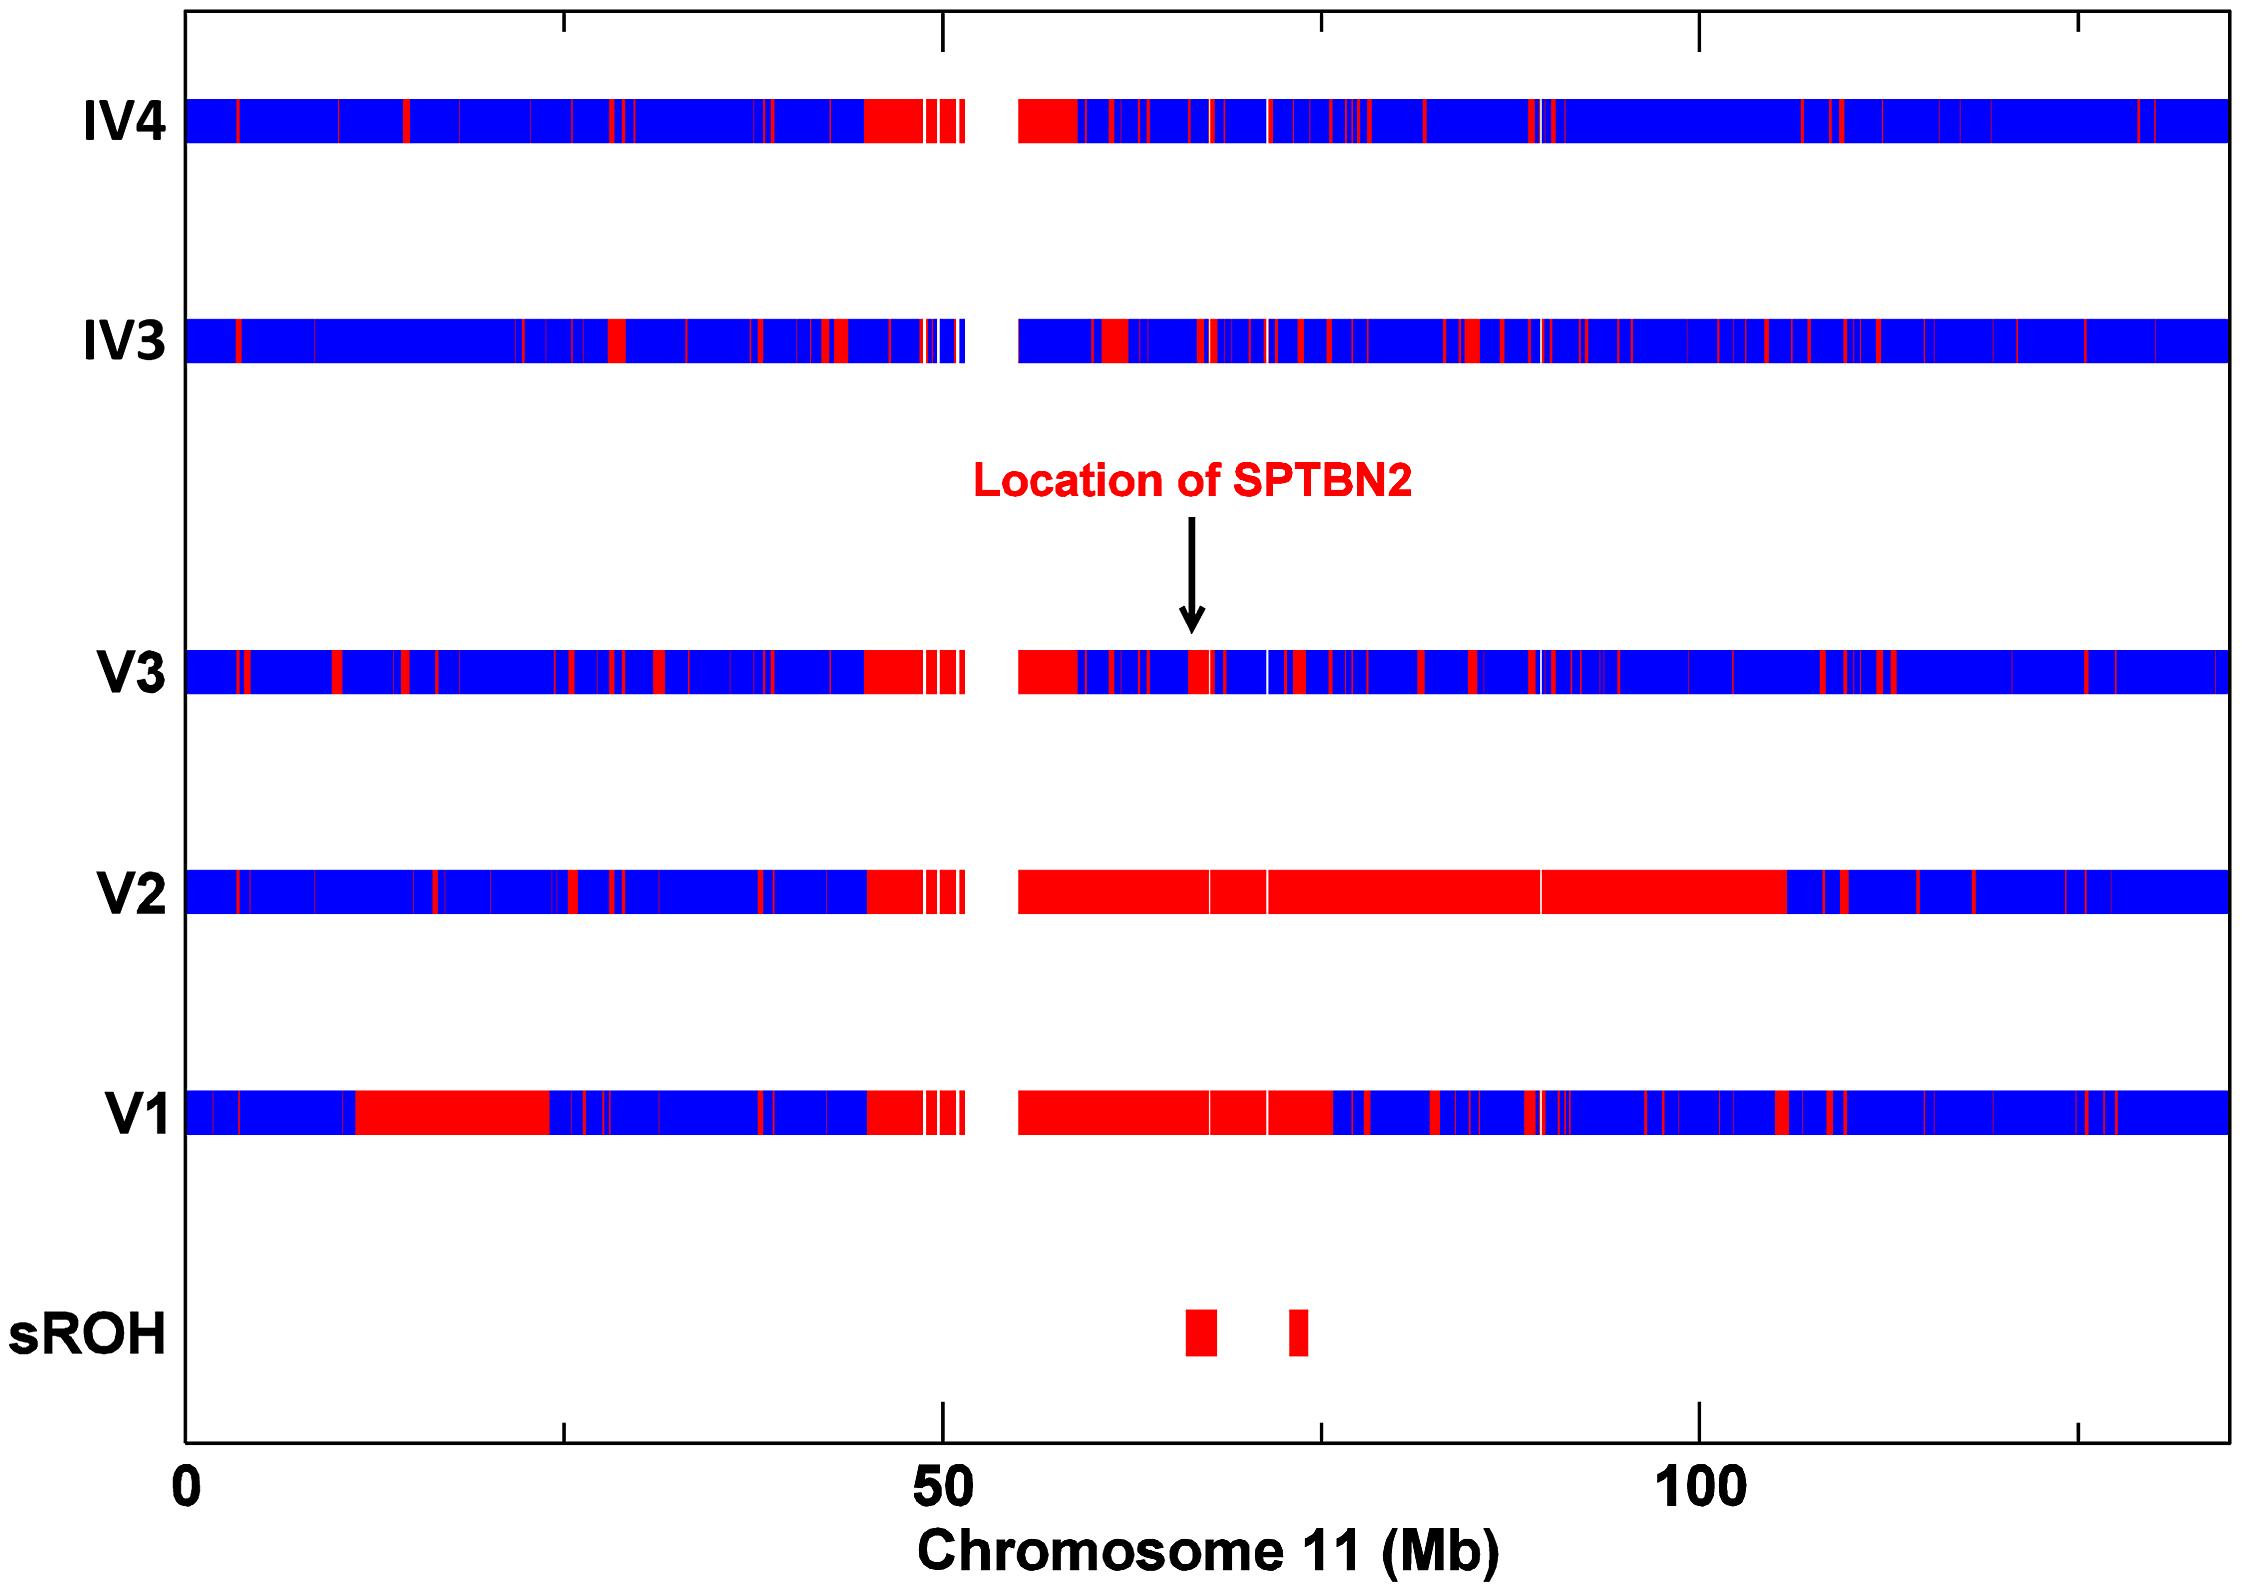 SNP Zygosity data for chromosome 11 from affecteds V1, V2, V3, and V3's parents IV3 and IV4.